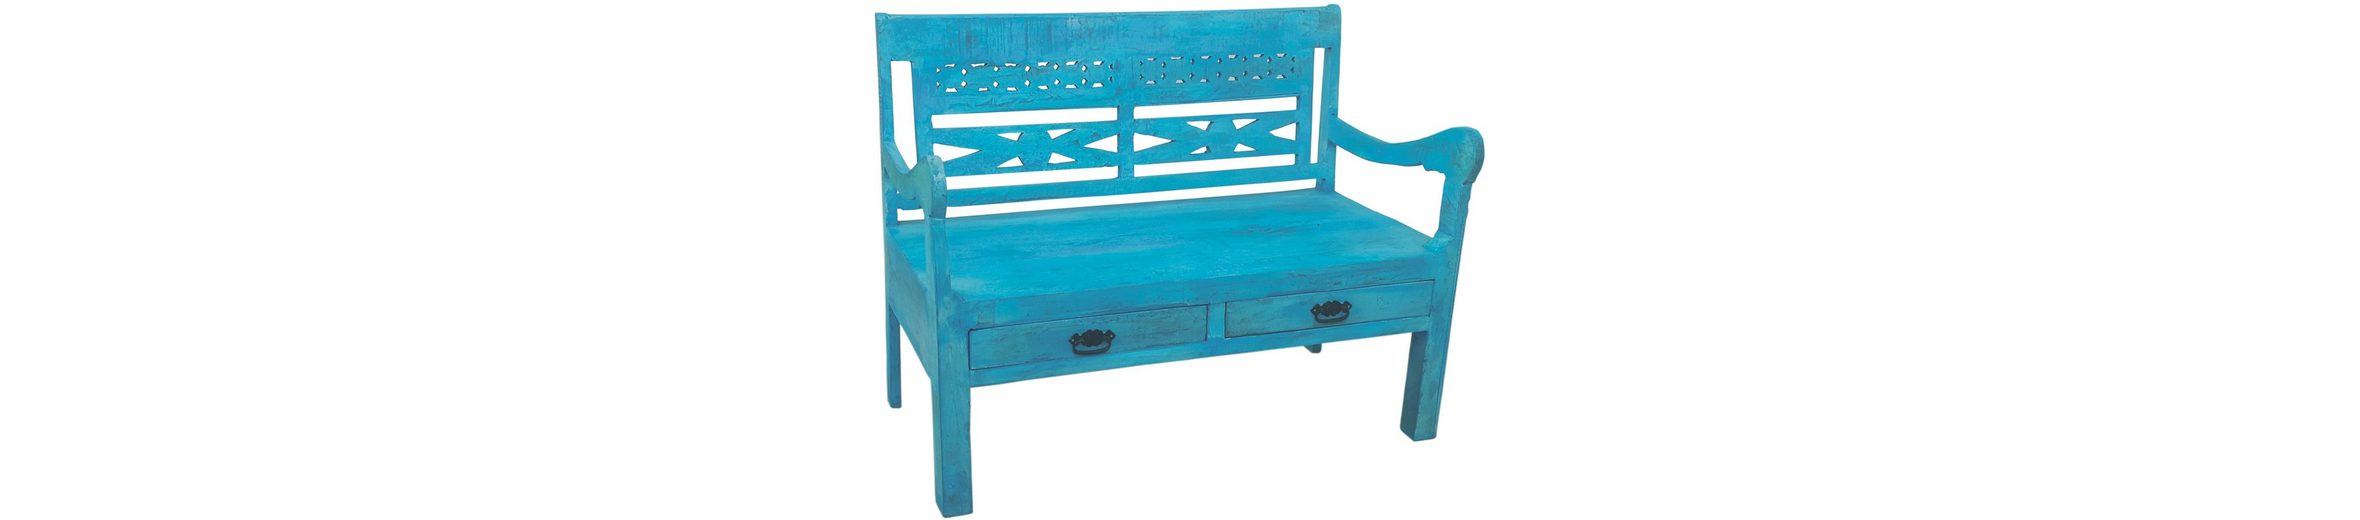 SIT Sitzbank »Blue«, 120 cm breit